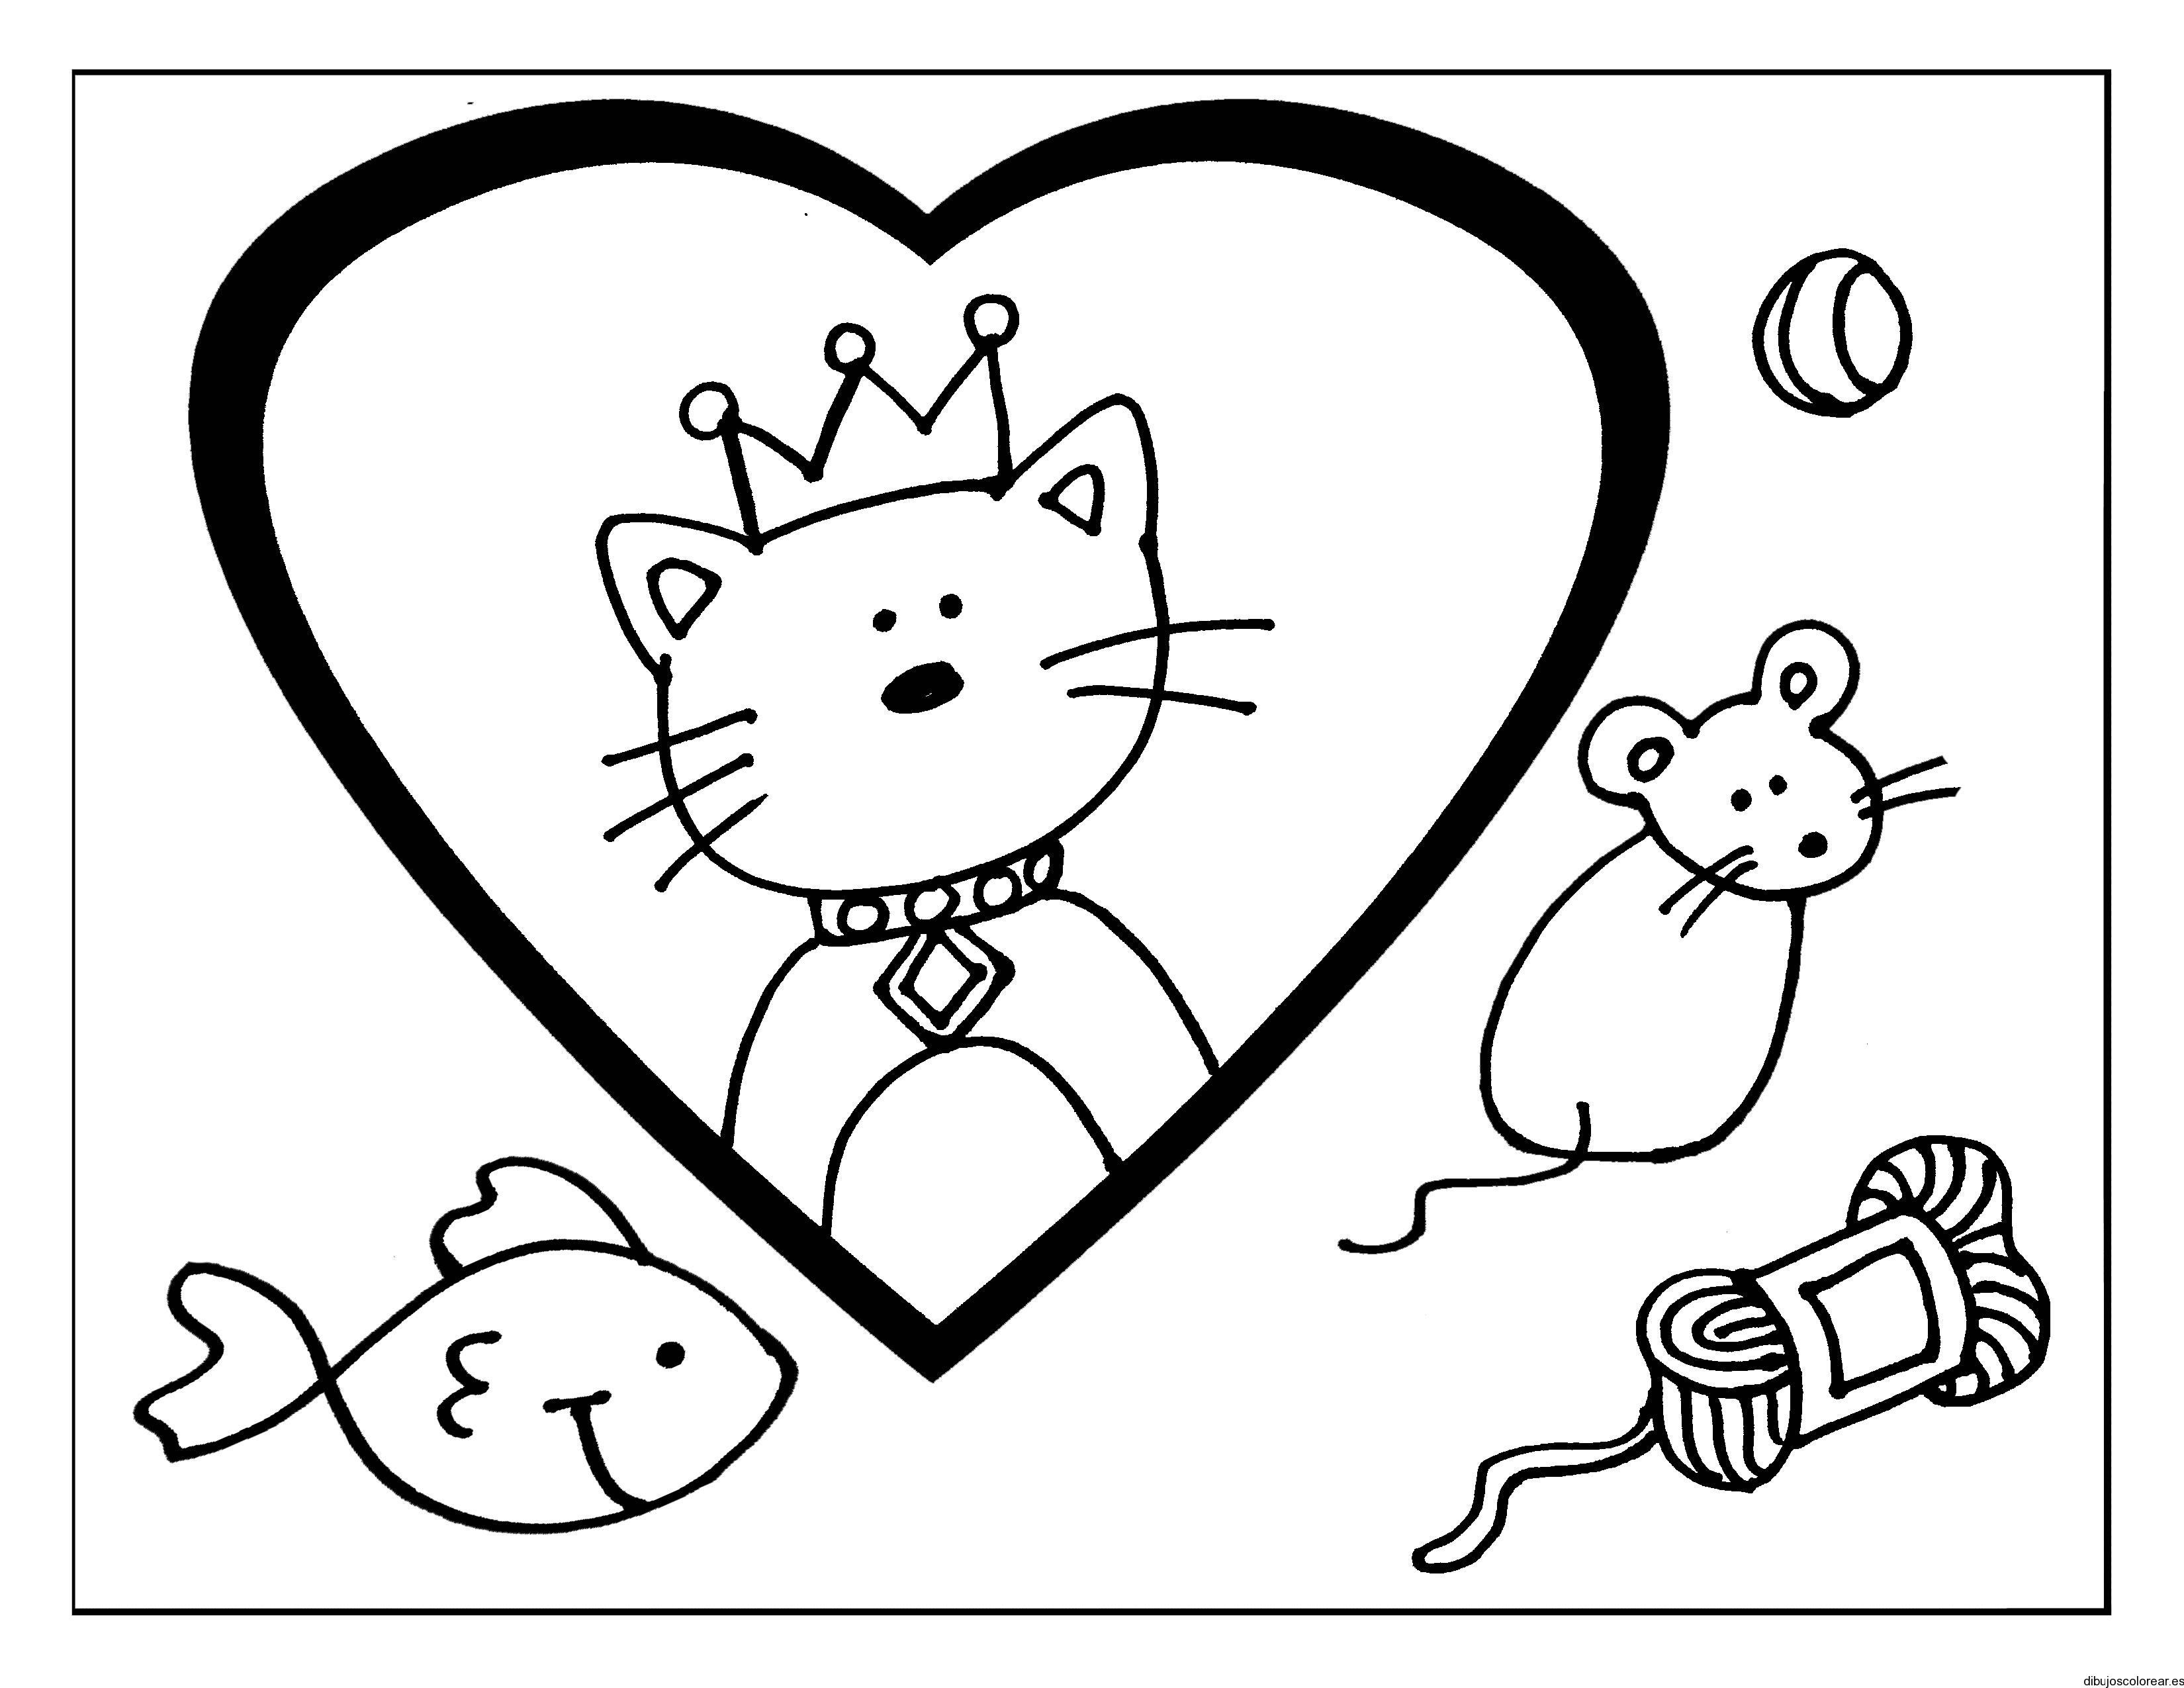 Dibujo de un gato con corona